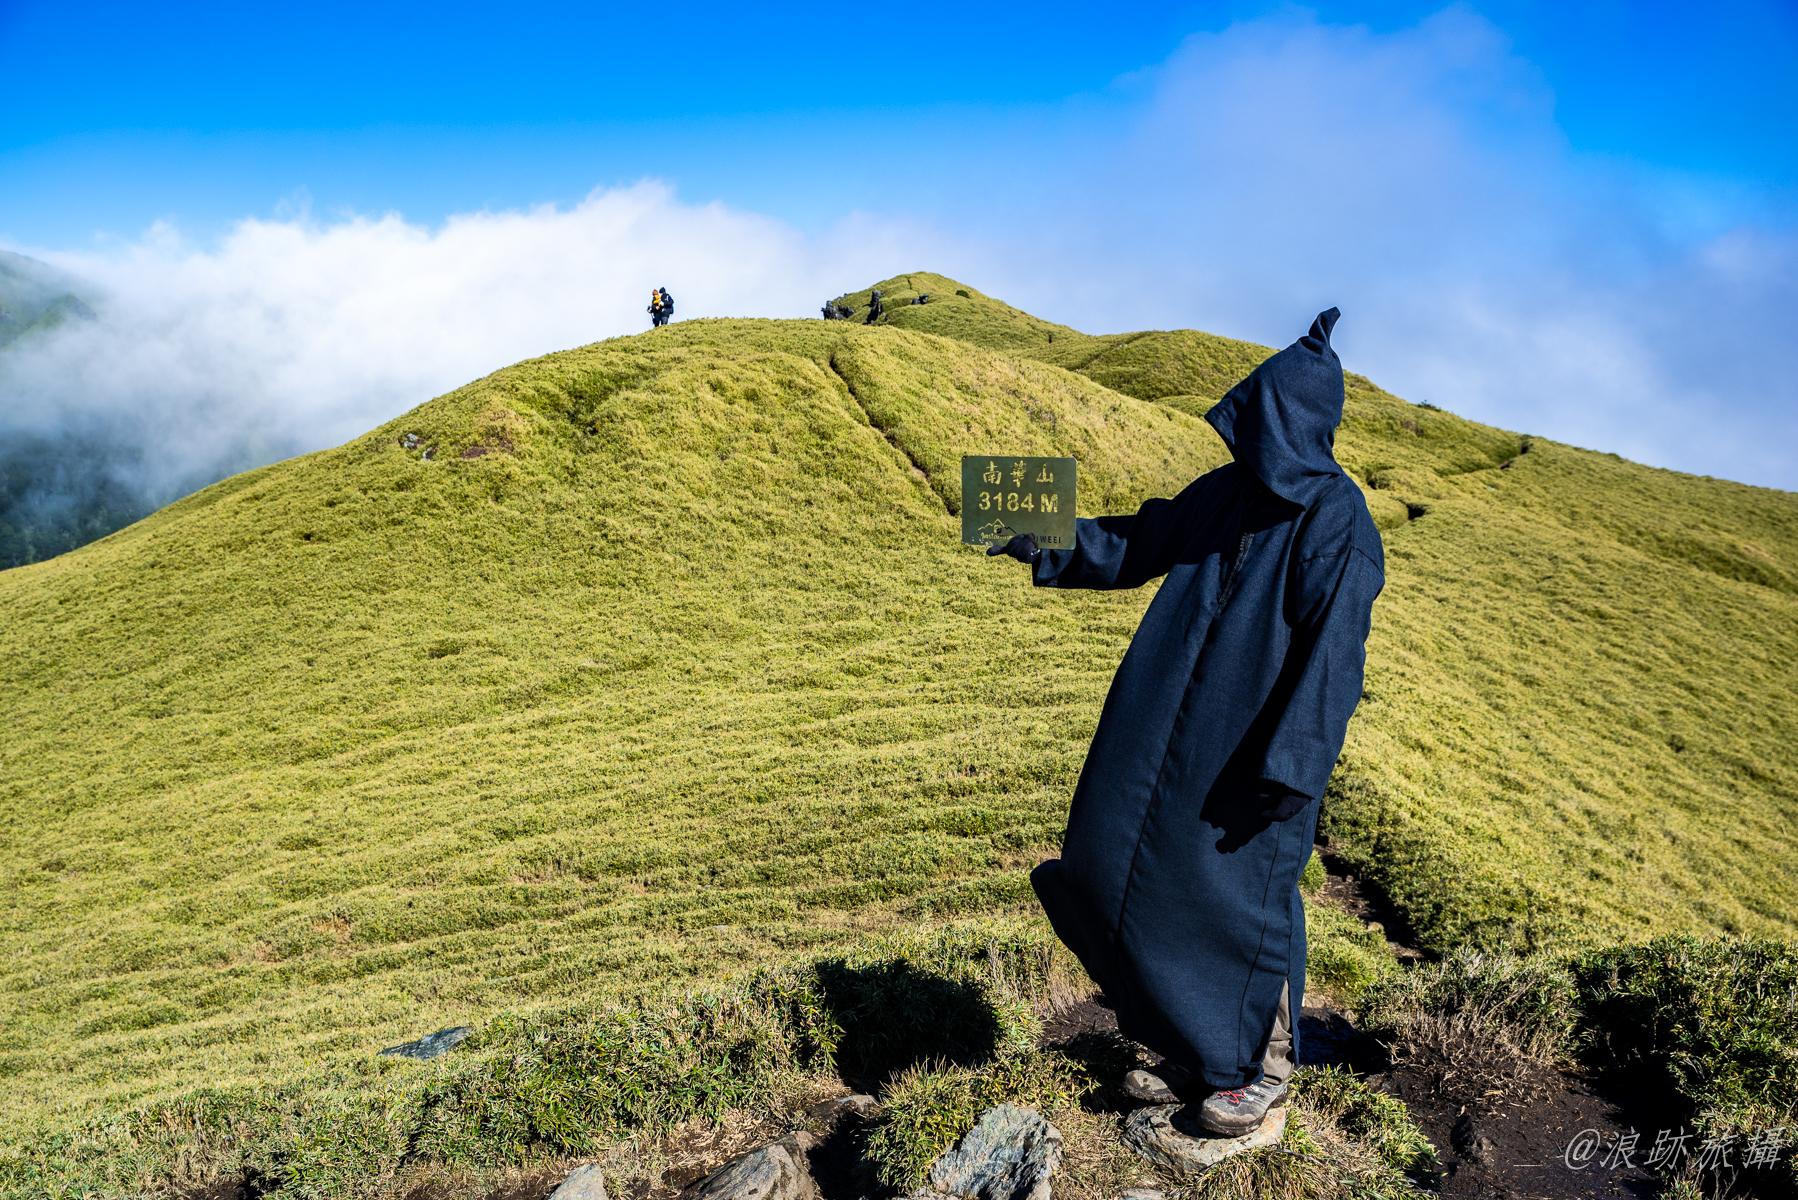 南華山的黑袍人